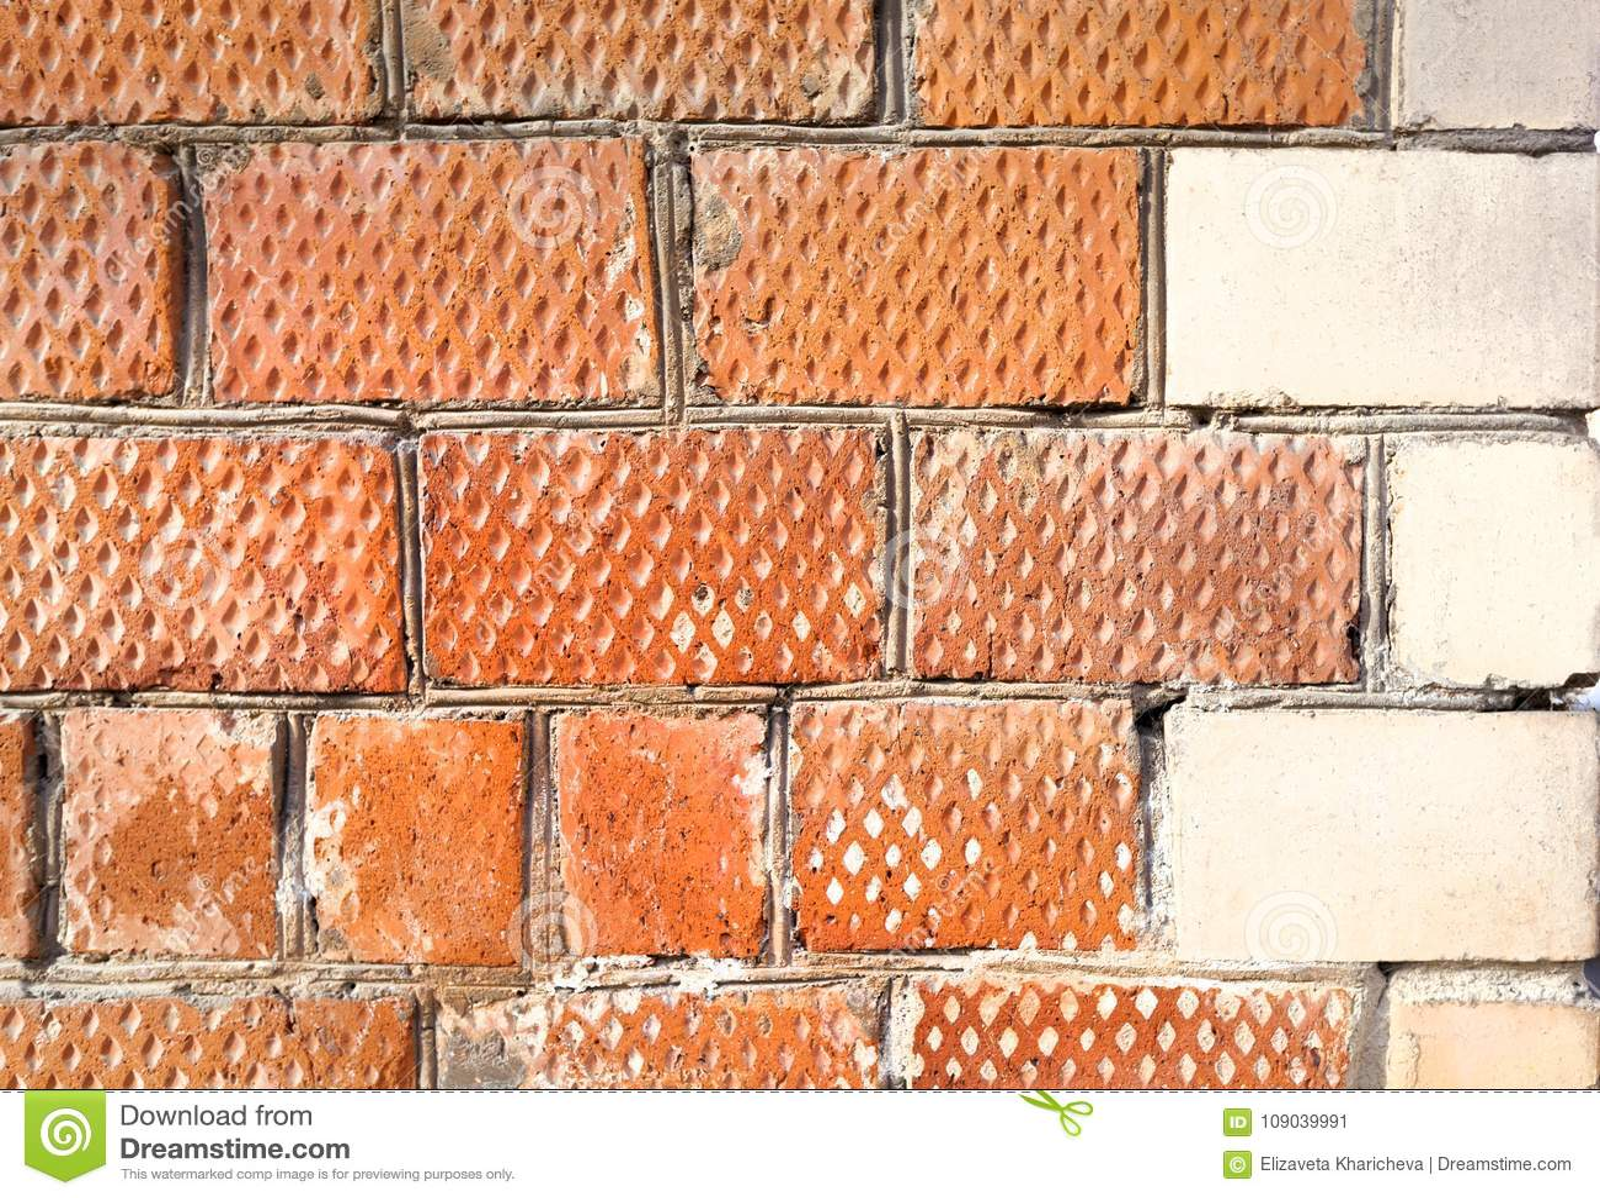 La esquina de la casa se hace de ladrillos con un elemento de la esquina decorativo